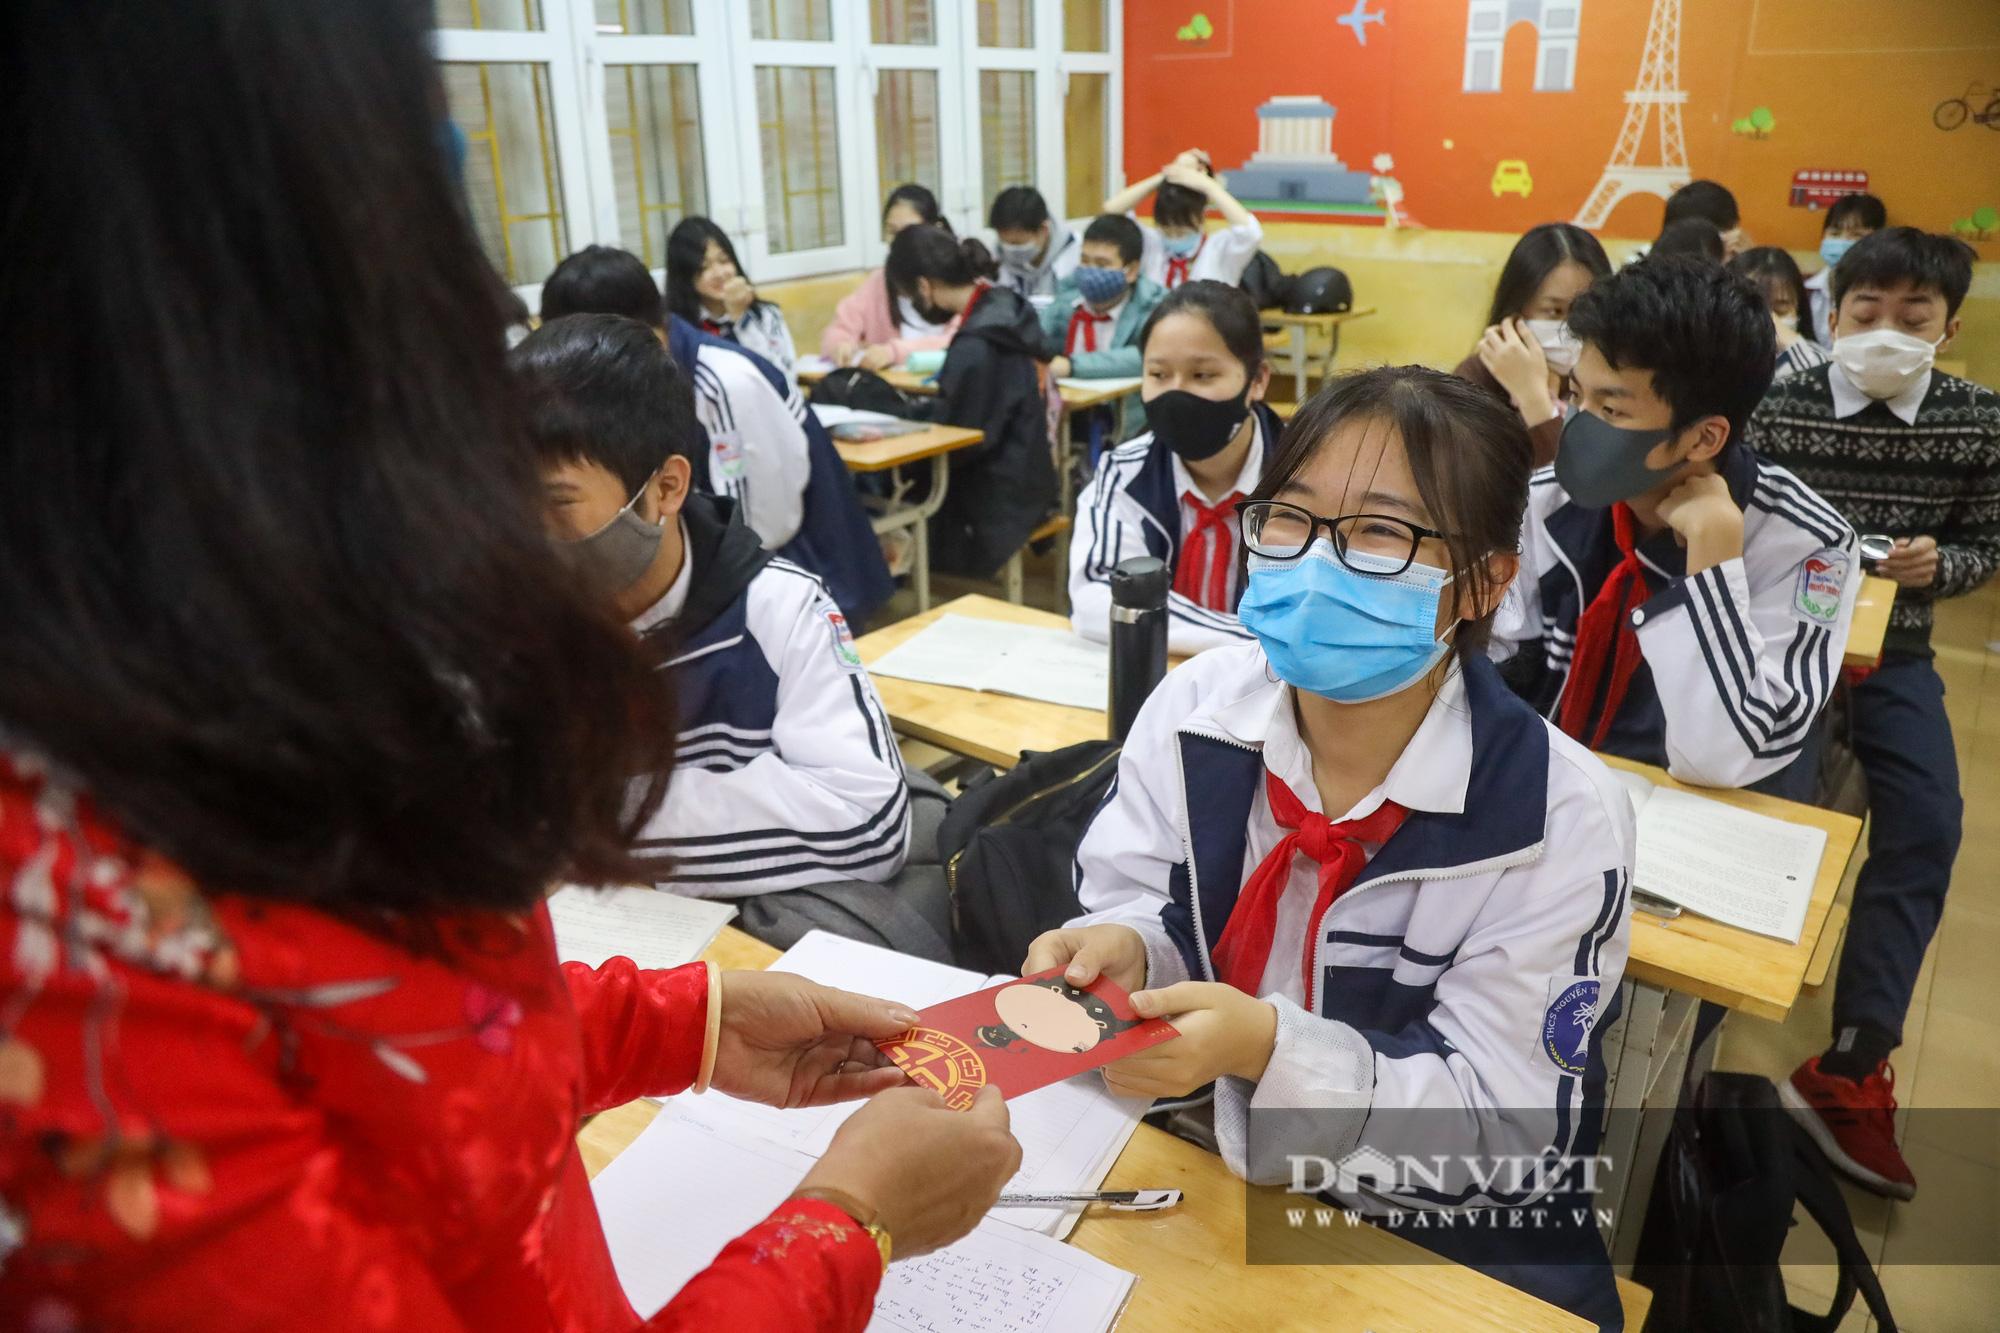 Đi học trở lại sau 30 ngày nghỉ Tết, học sinh Hà Nội được nhận lì xì - Ảnh 11.